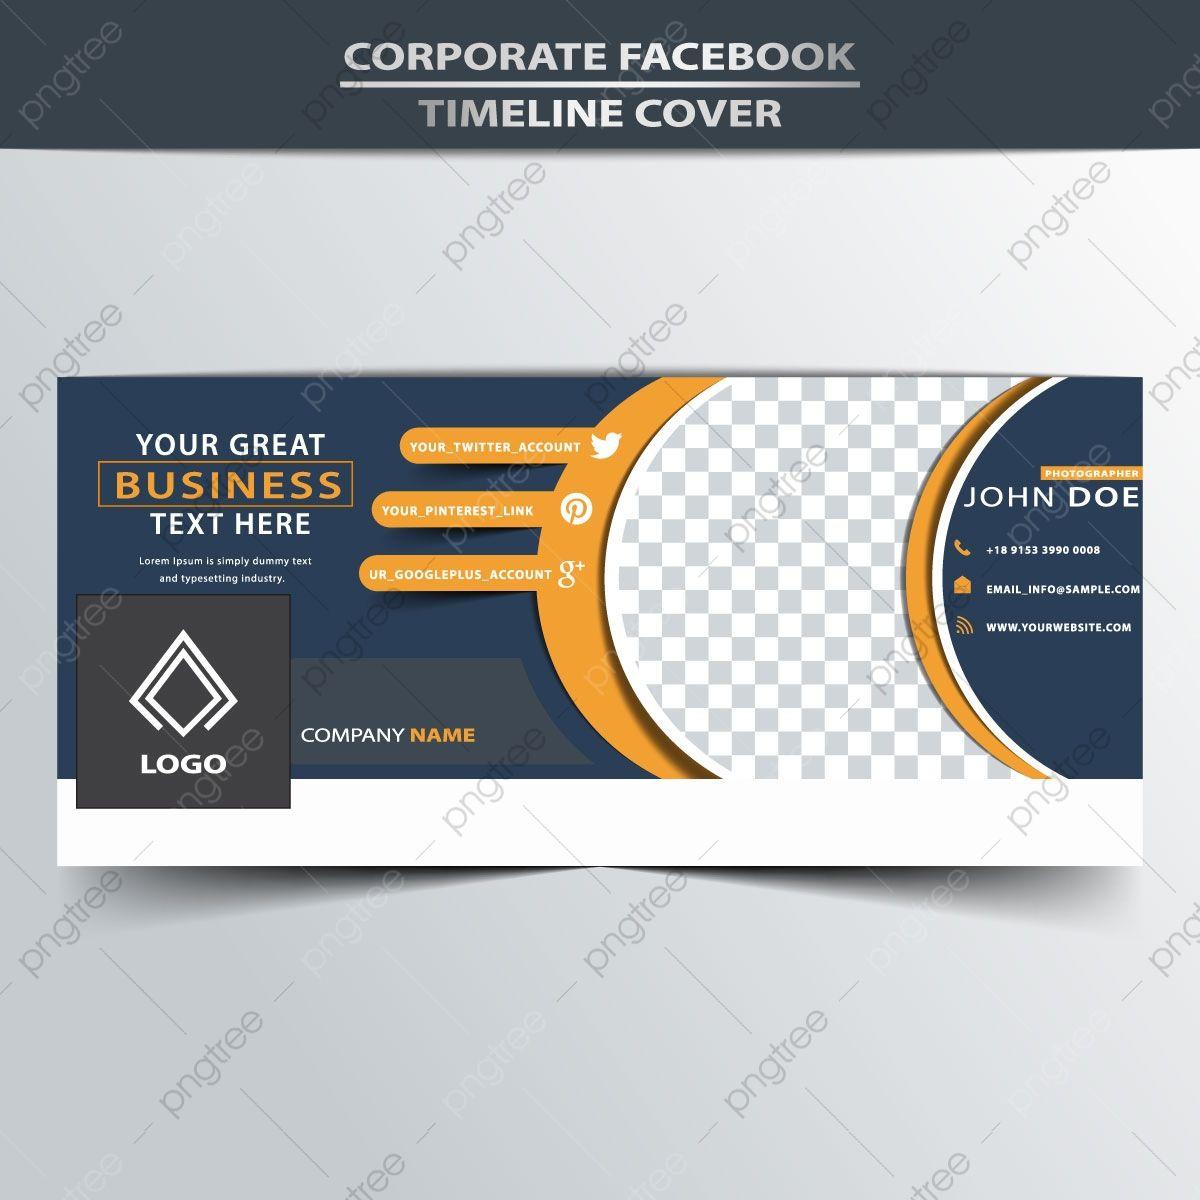 غلاف فيس بوك للعمل Facebook Cover Template Facebook Cover Business Template